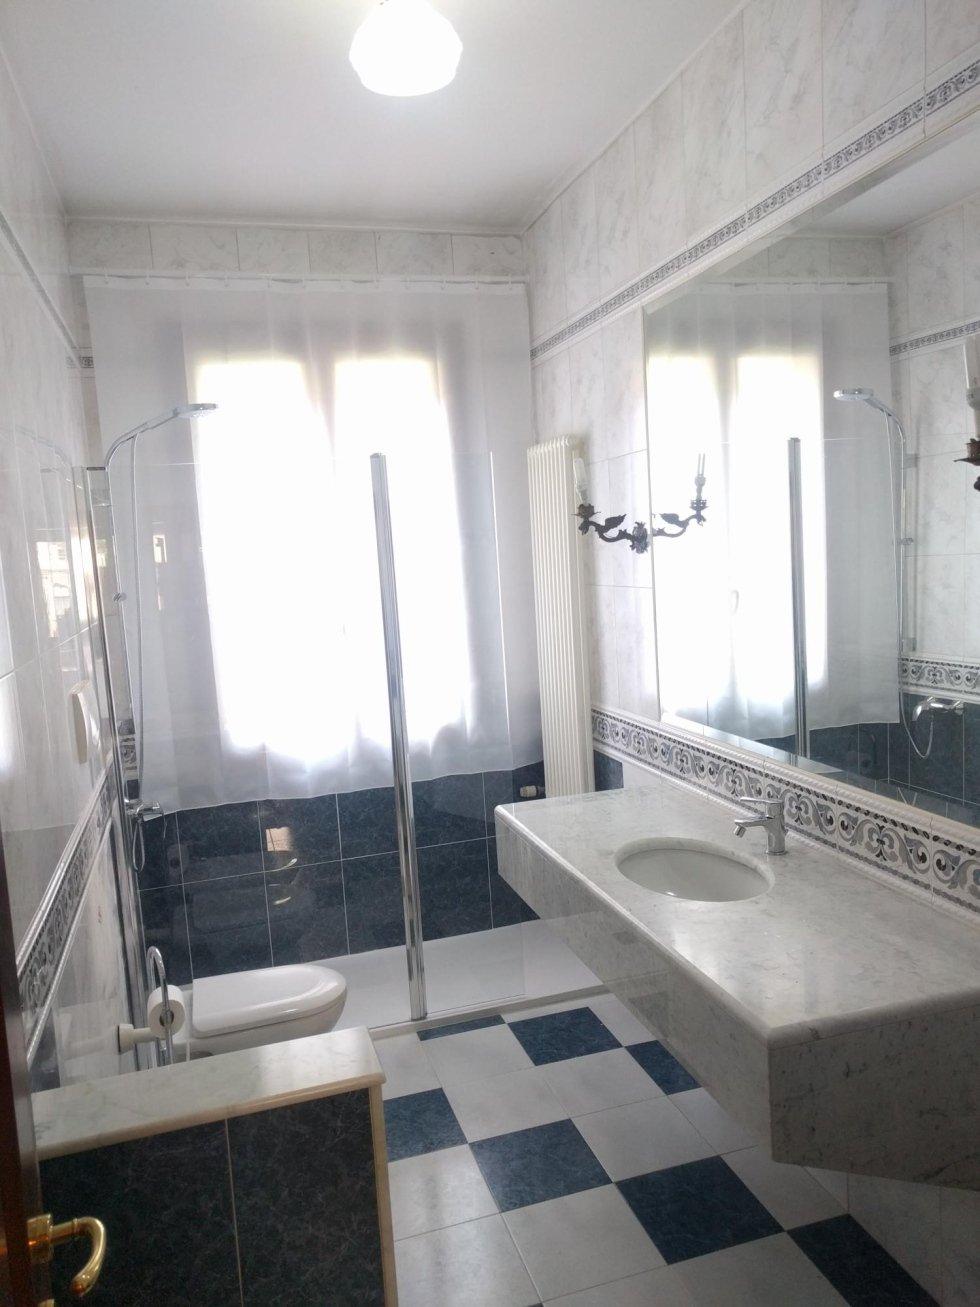 sostituzione vasche reggio emilia bagno moda